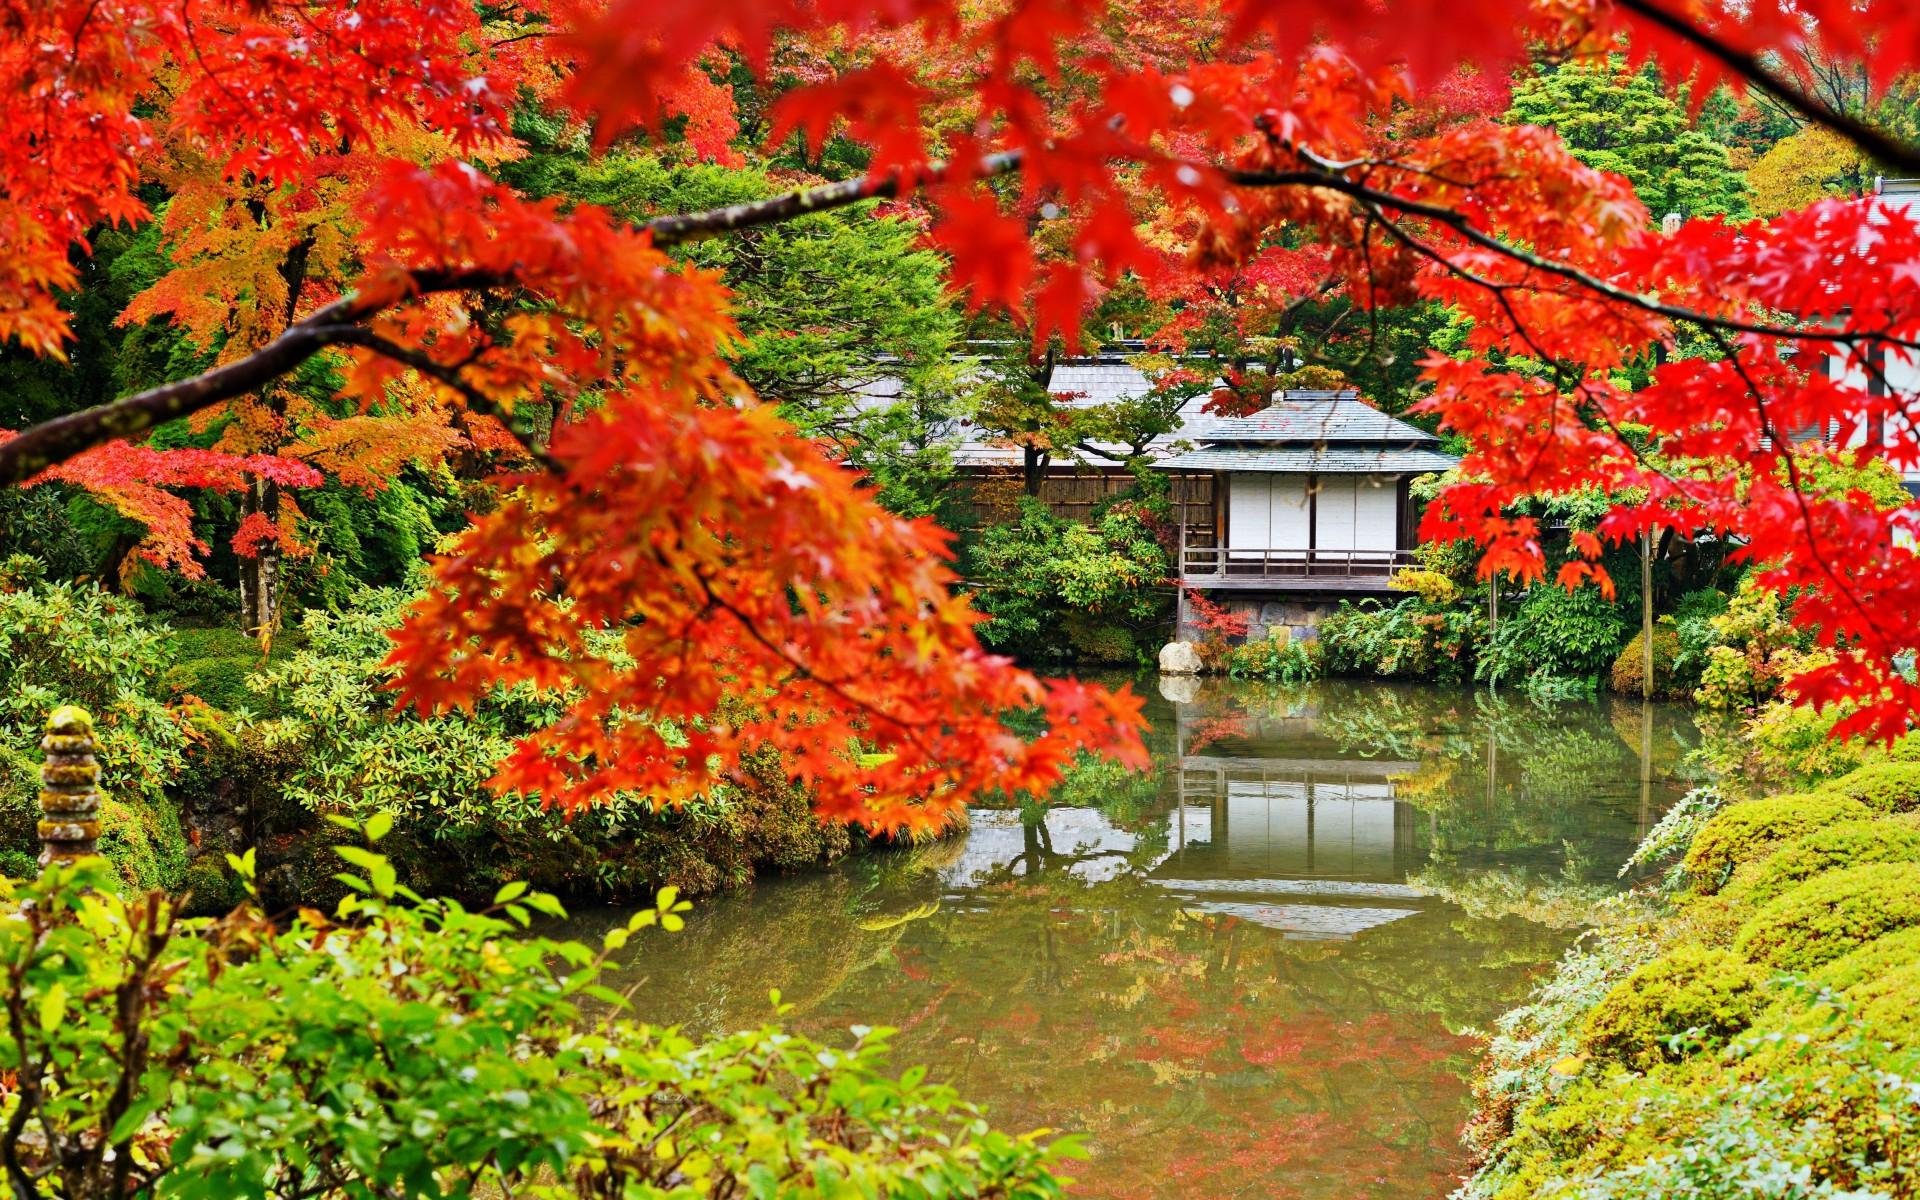 tokyo and gardens on pinterest. Black Bedroom Furniture Sets. Home Design Ideas